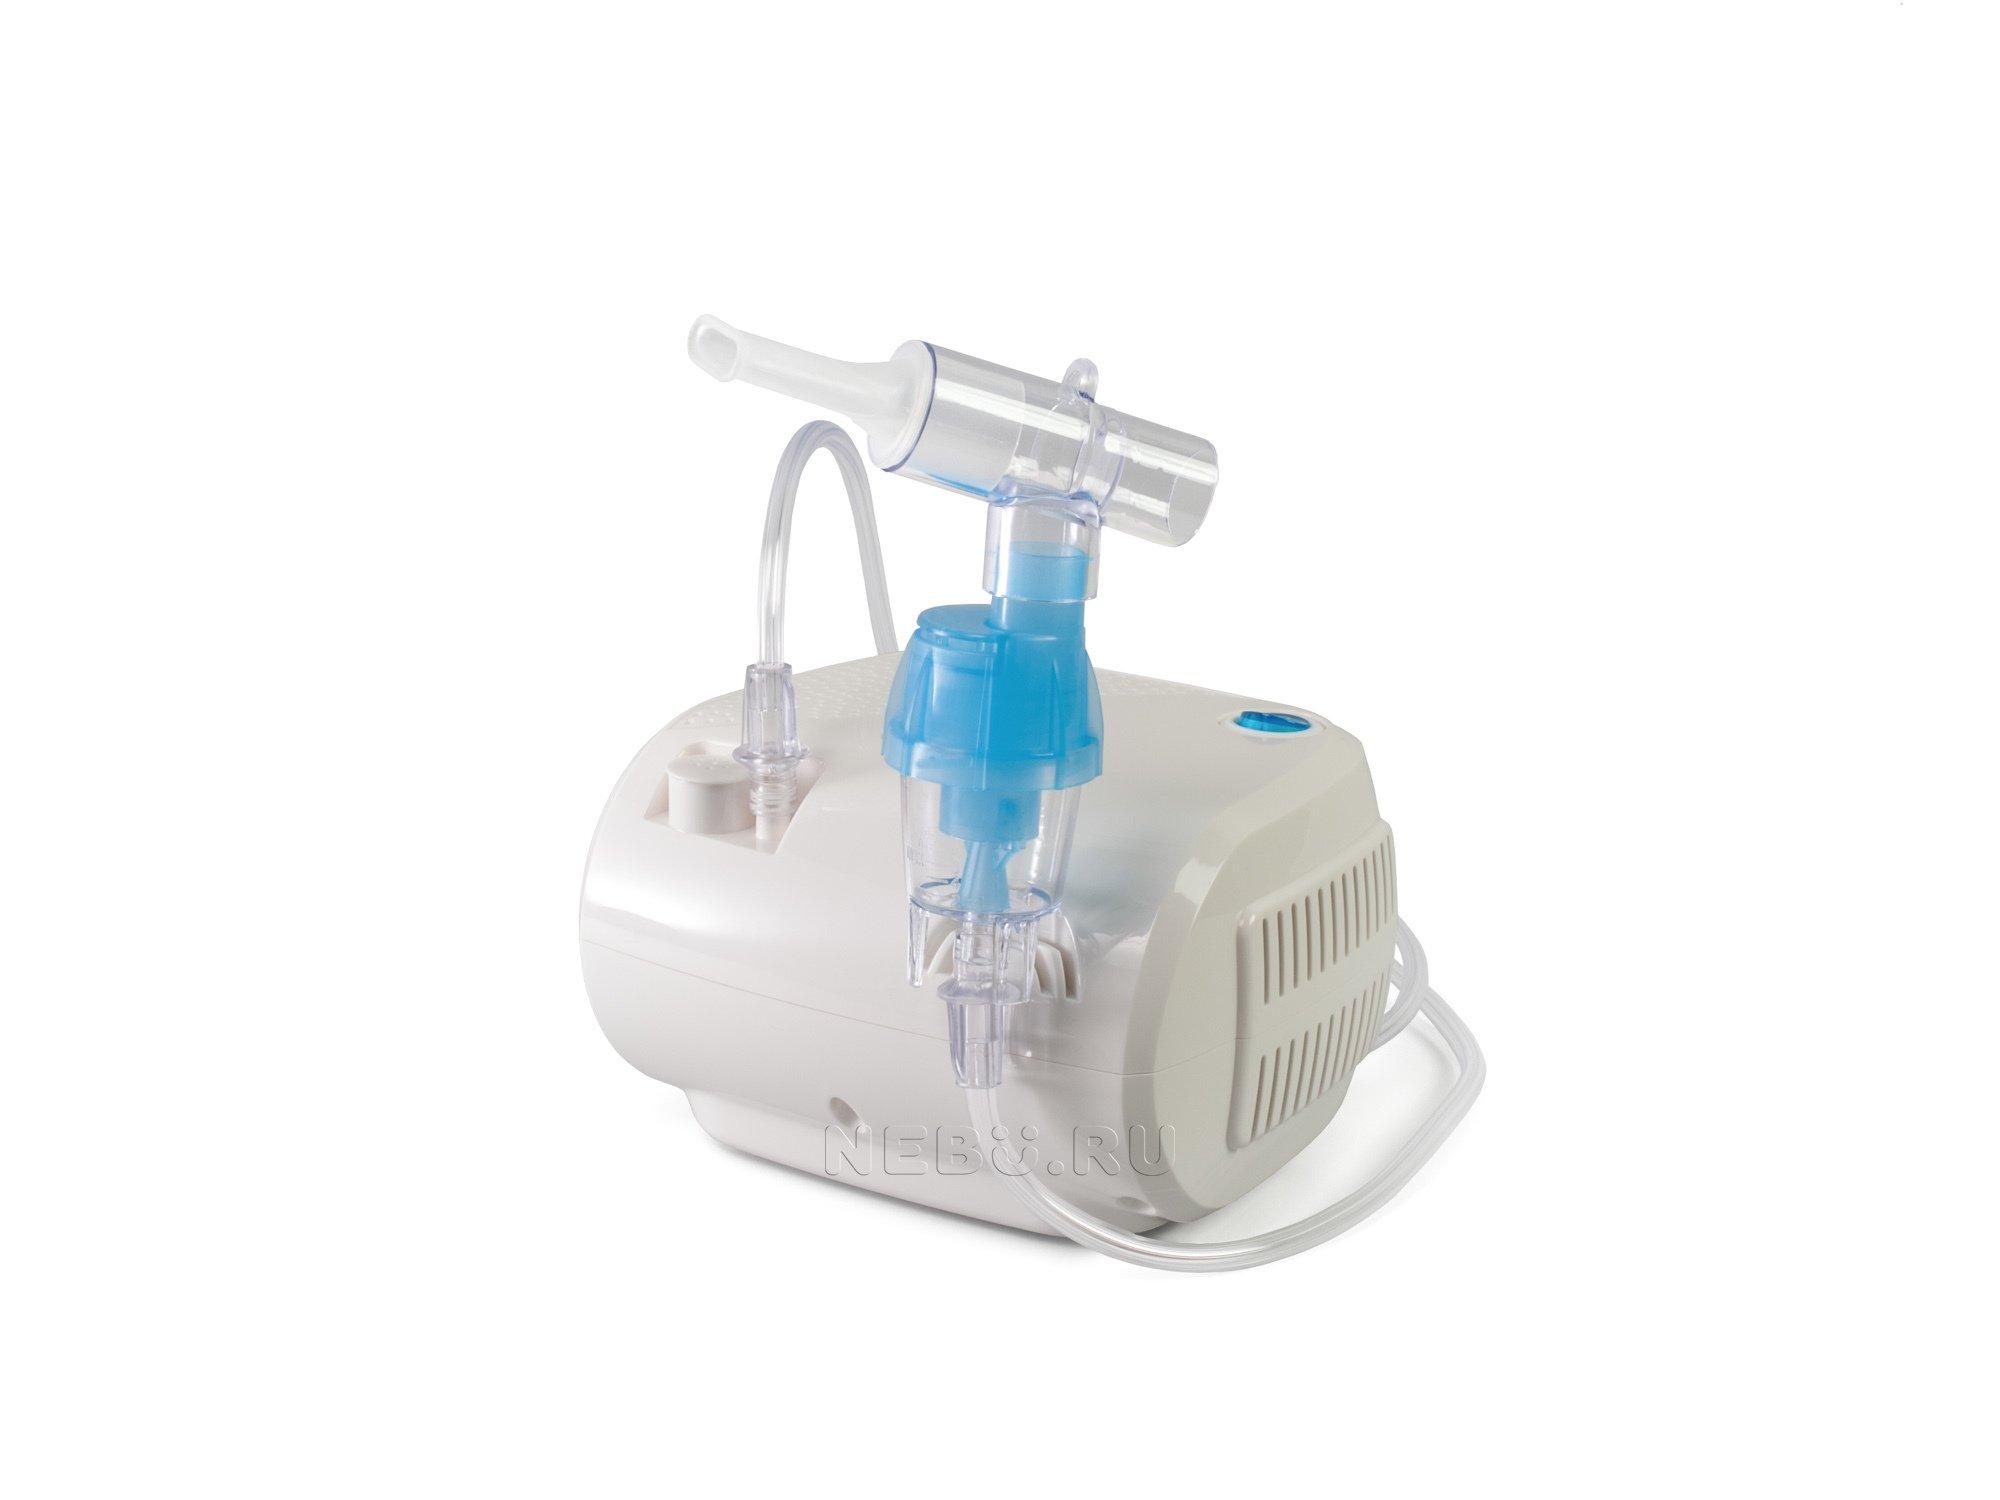 Смягчить горло и улучшить выведение мокроты можно с помощью ингаляций